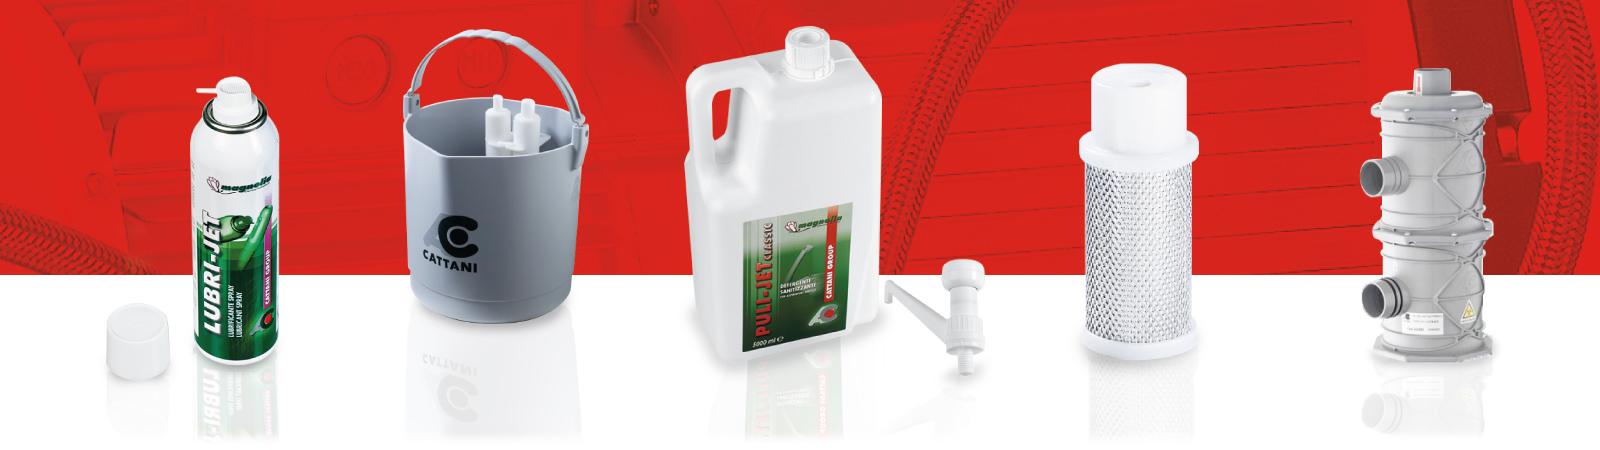 Cattani - Deutschland - Produkte